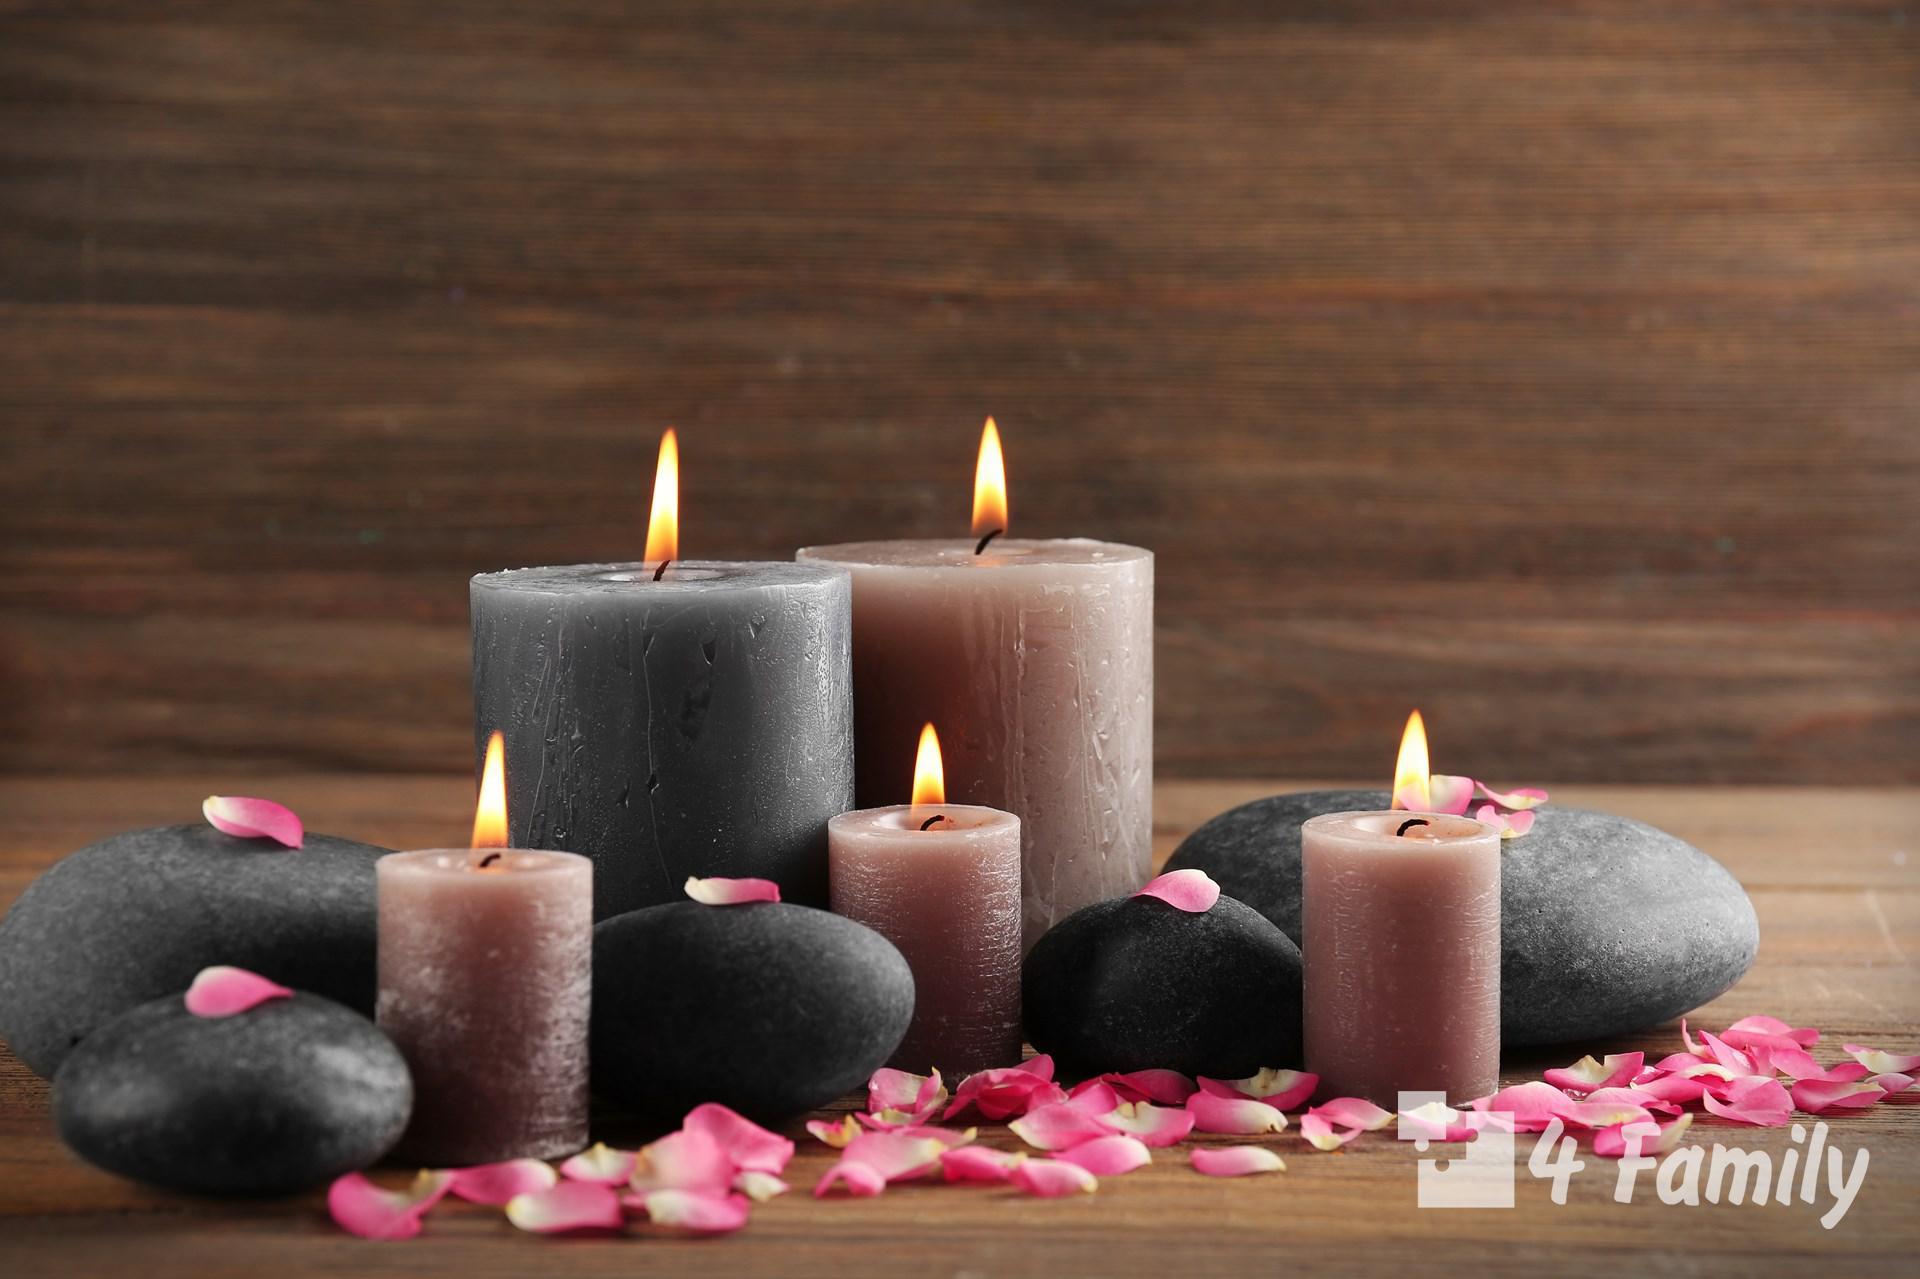 4family Как сделать свечку в домашних условиях